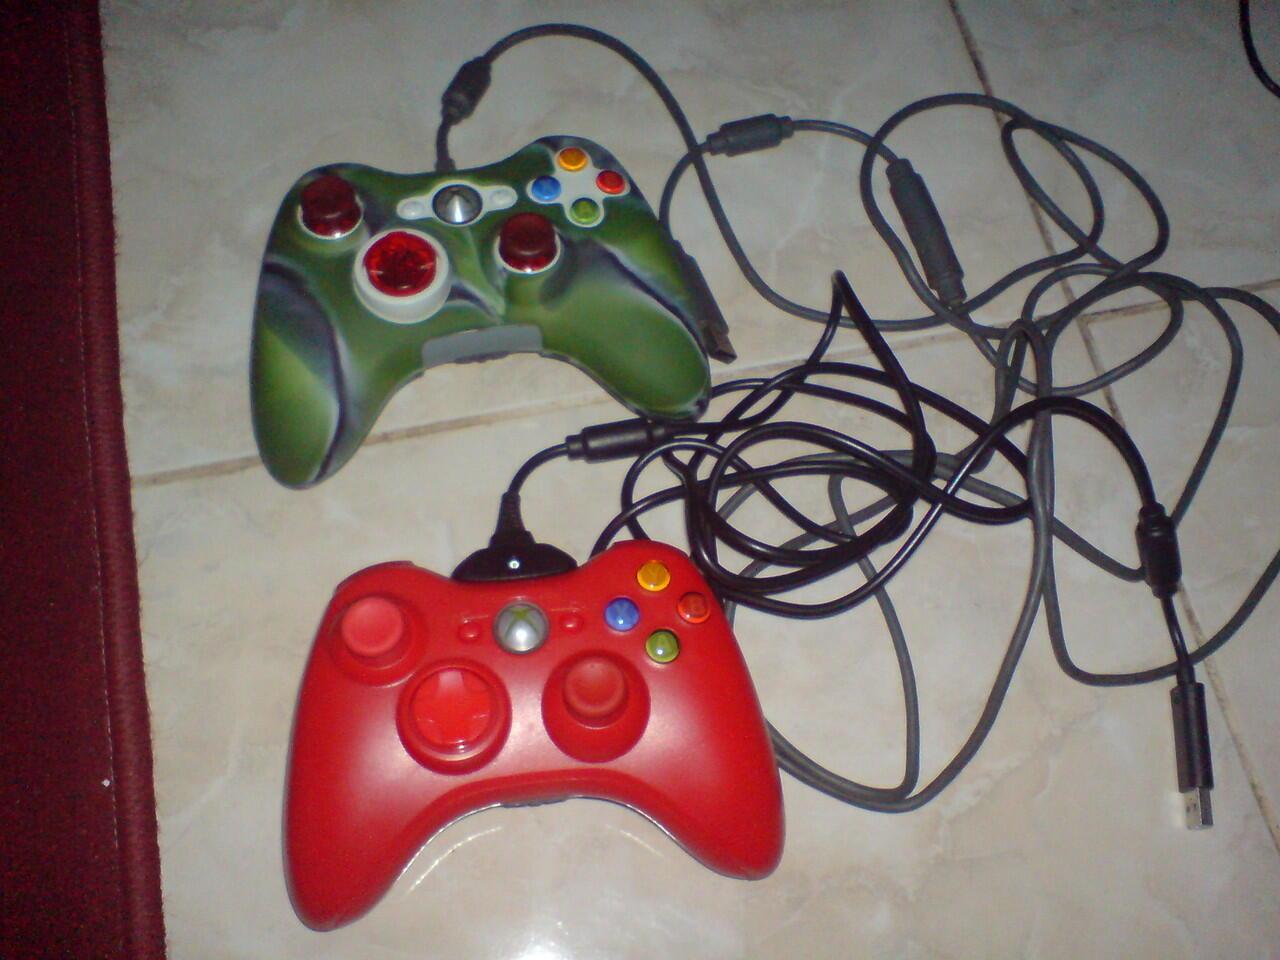 jual stik wireles,adaptor,kaset,hdd xbox palembang